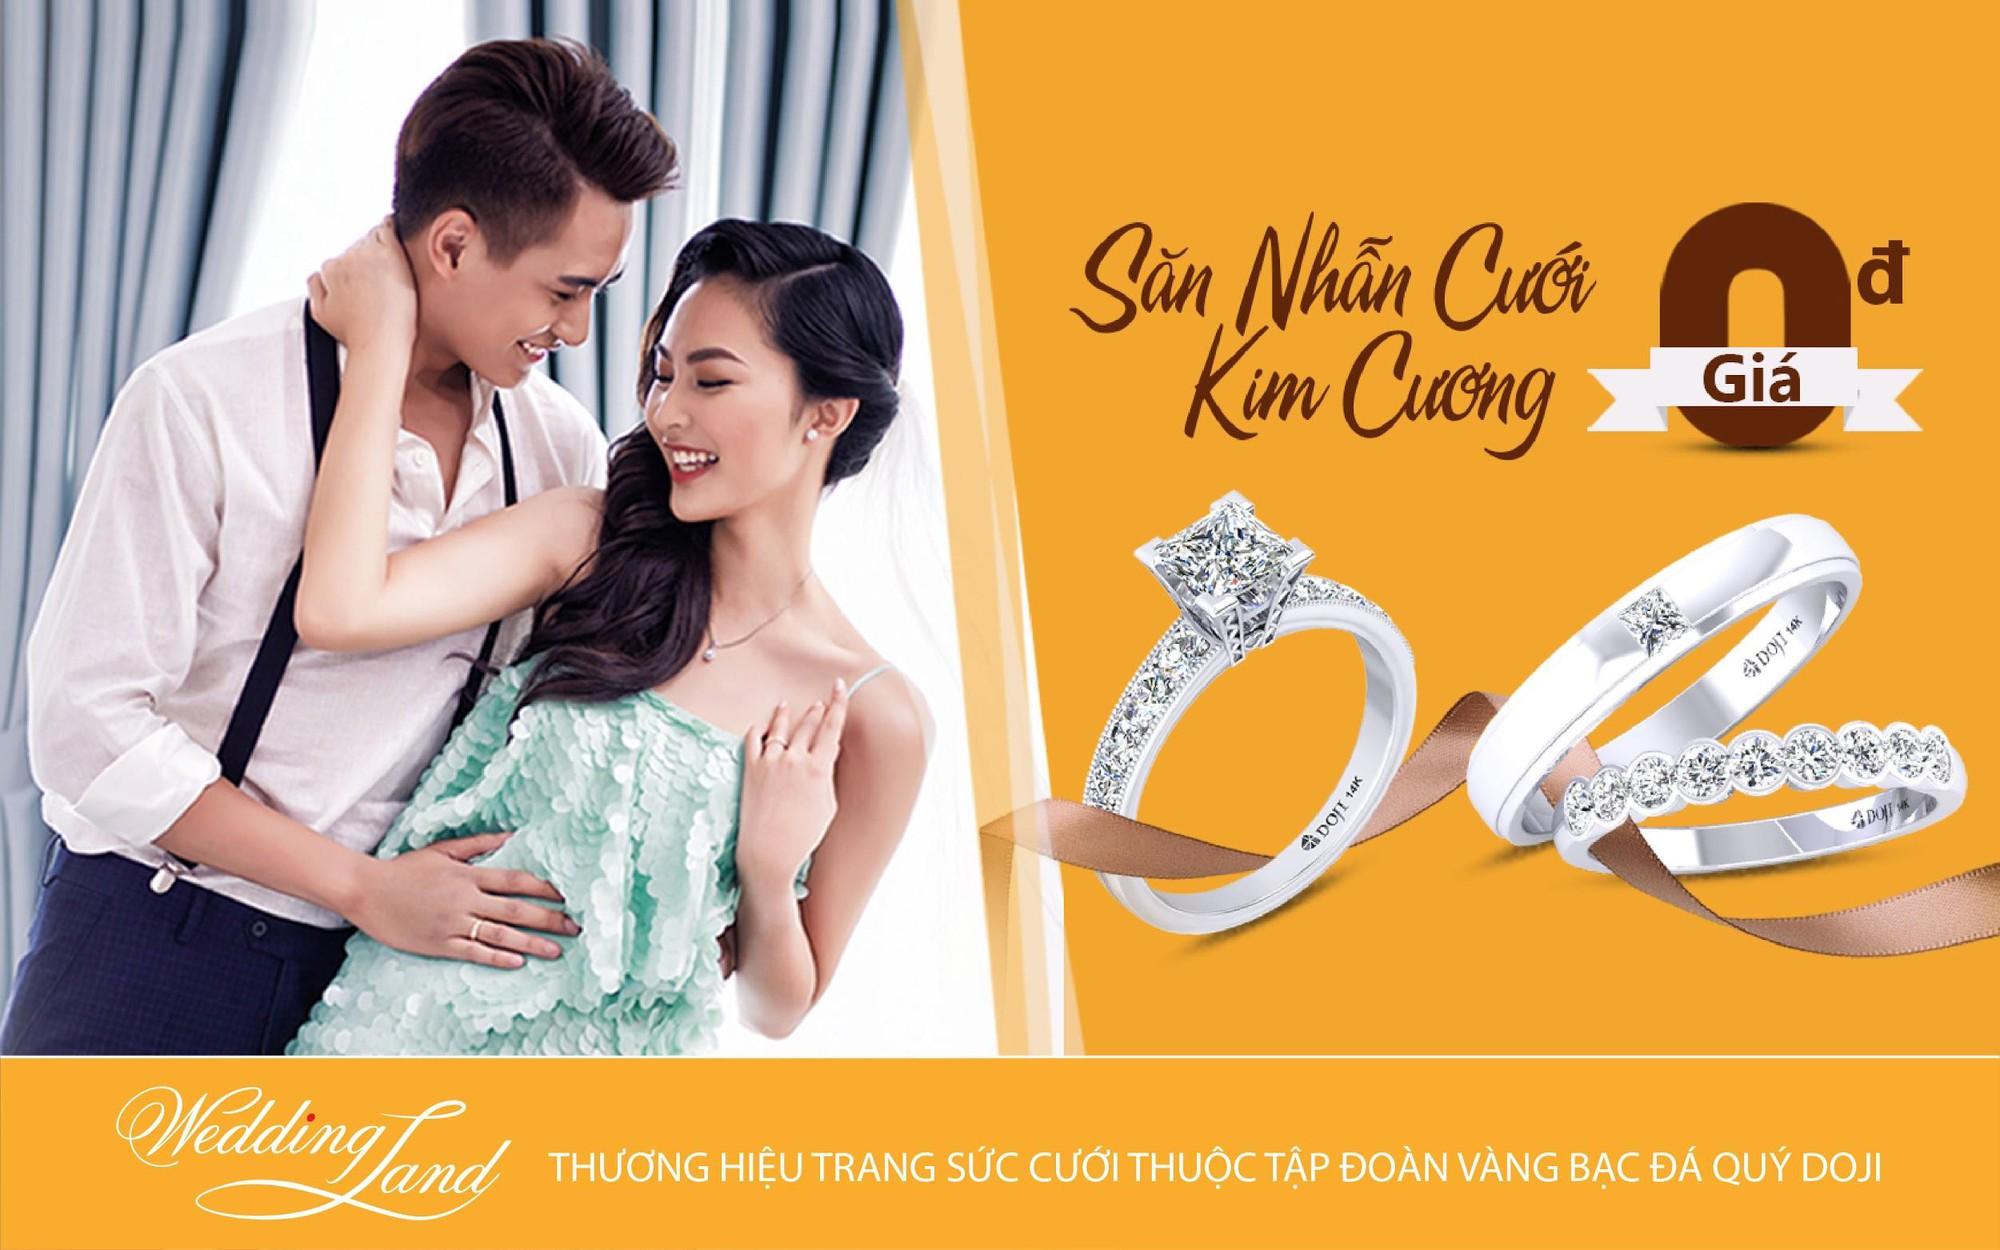 Tin hot cho mọi cặp đôi: Cơ hội sở hữu nhẫn cưới kim cương giá 0 đồng - Ảnh 1.